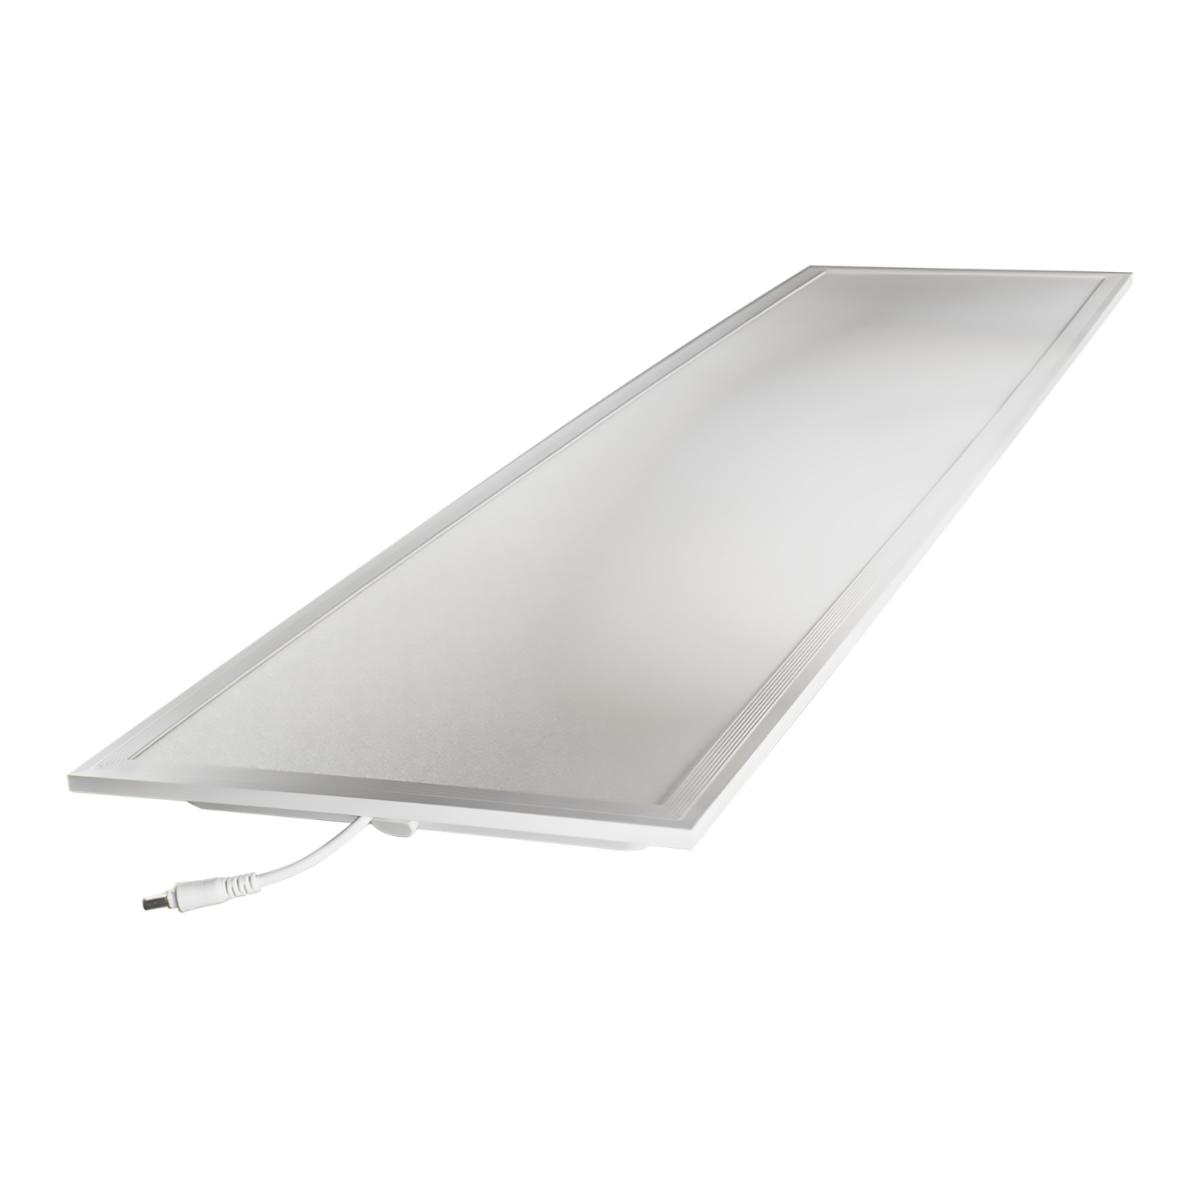 Noxion Panneau LED Delta Pro V2.0 Xitanium DALI 30W 30x120cm 4000K 4110lm UGR <19 | Dali Dimmable - Blanc Froid - Substitut 2x36W